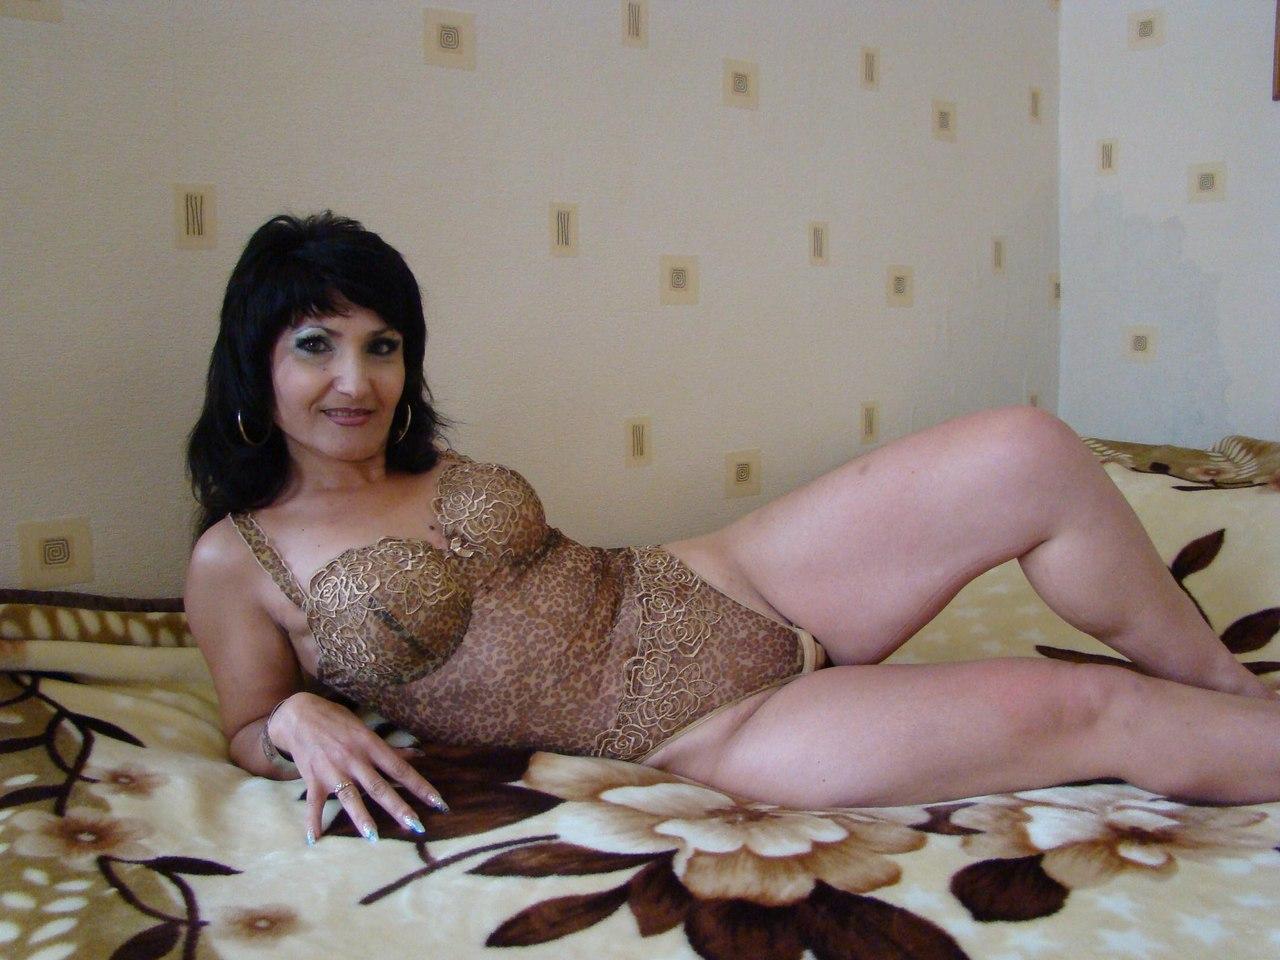 узбек зрелых женщин эротика девки